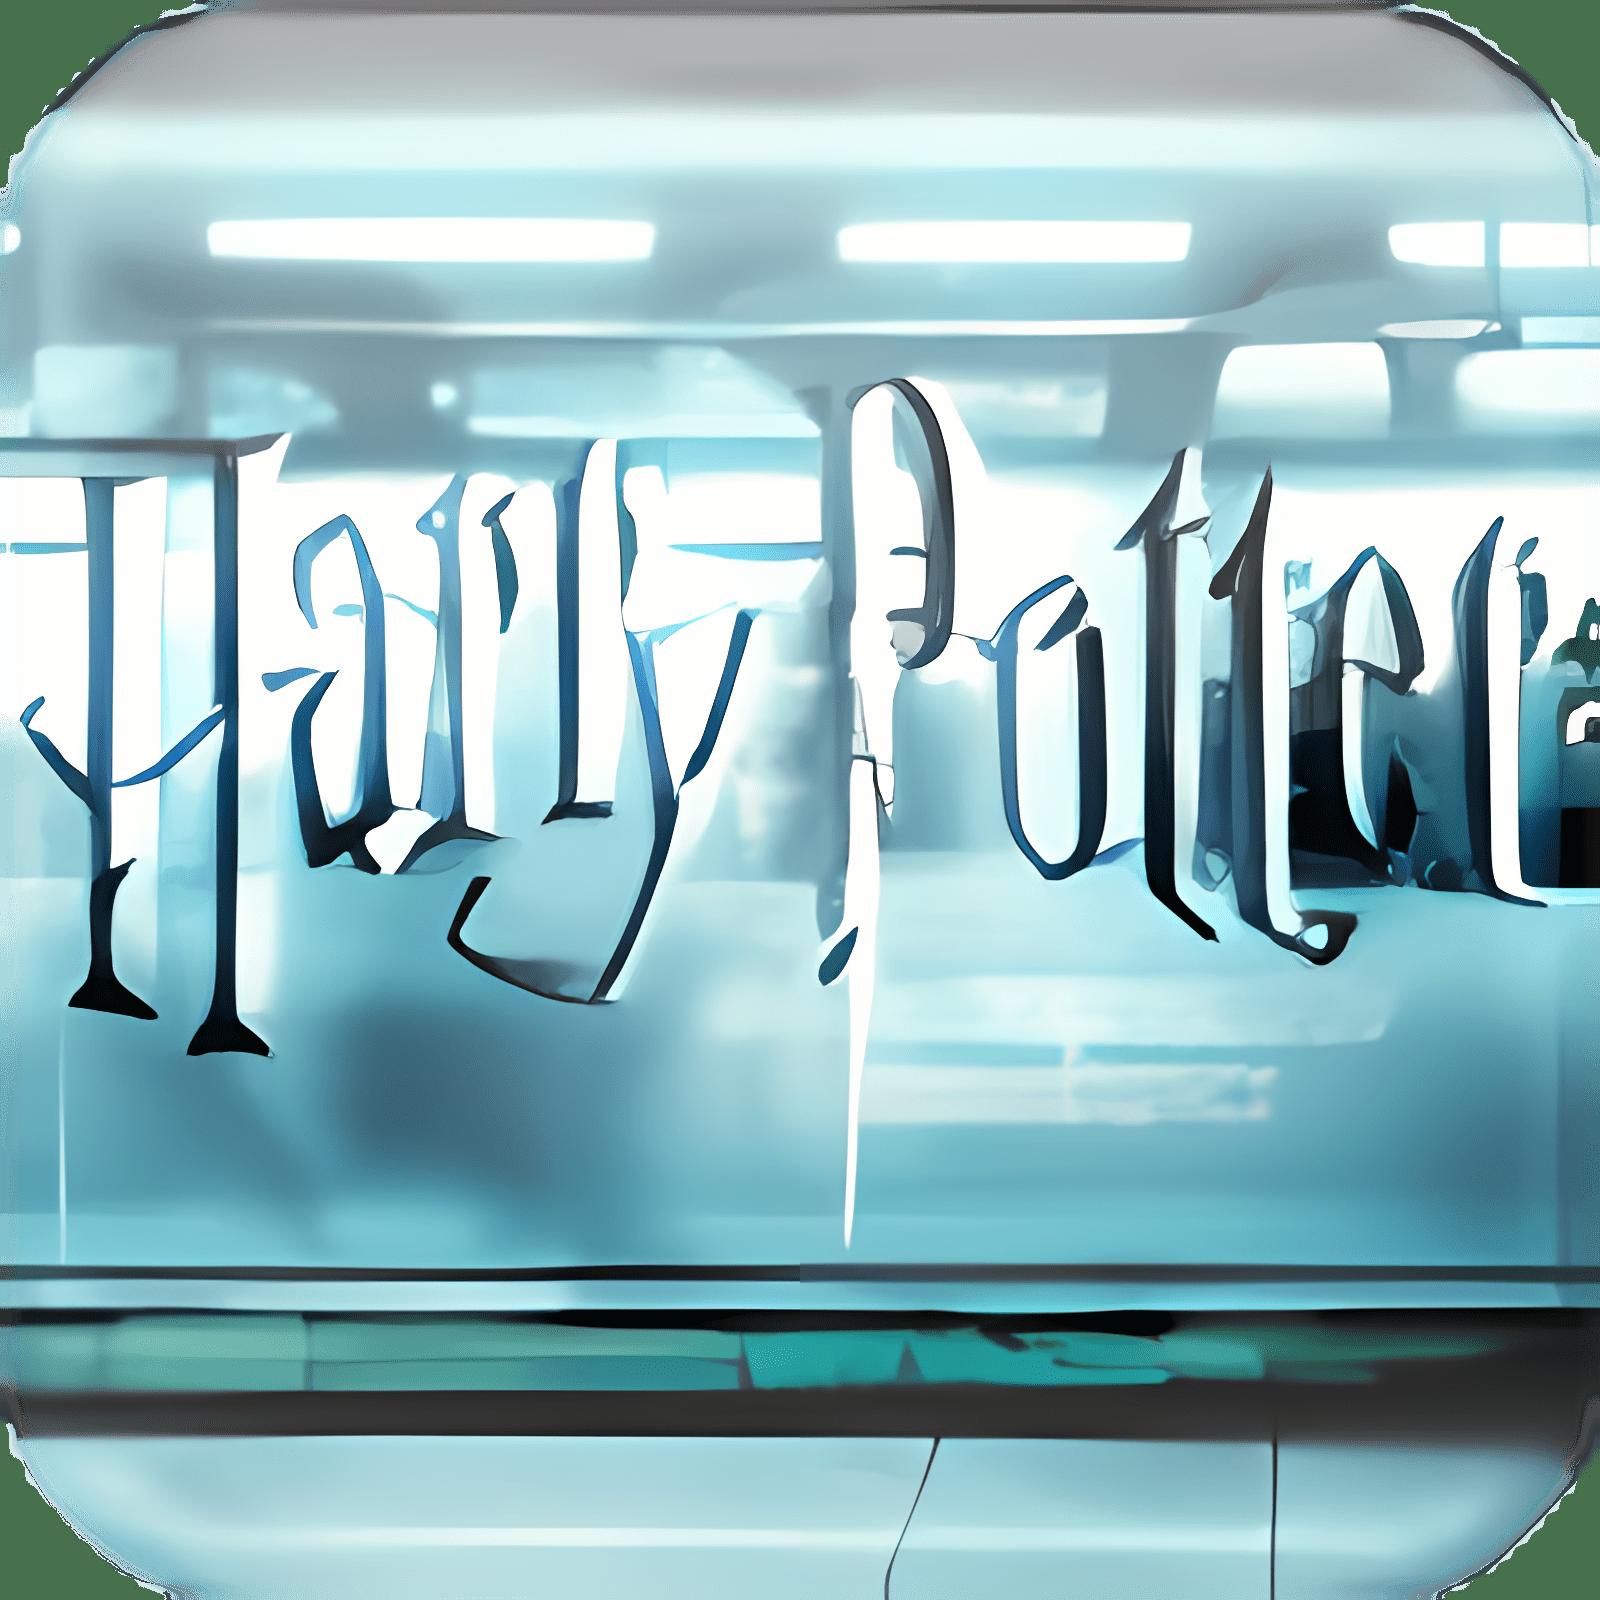 Harry Potter e o Enigma do Príncipe Protetor de Tela